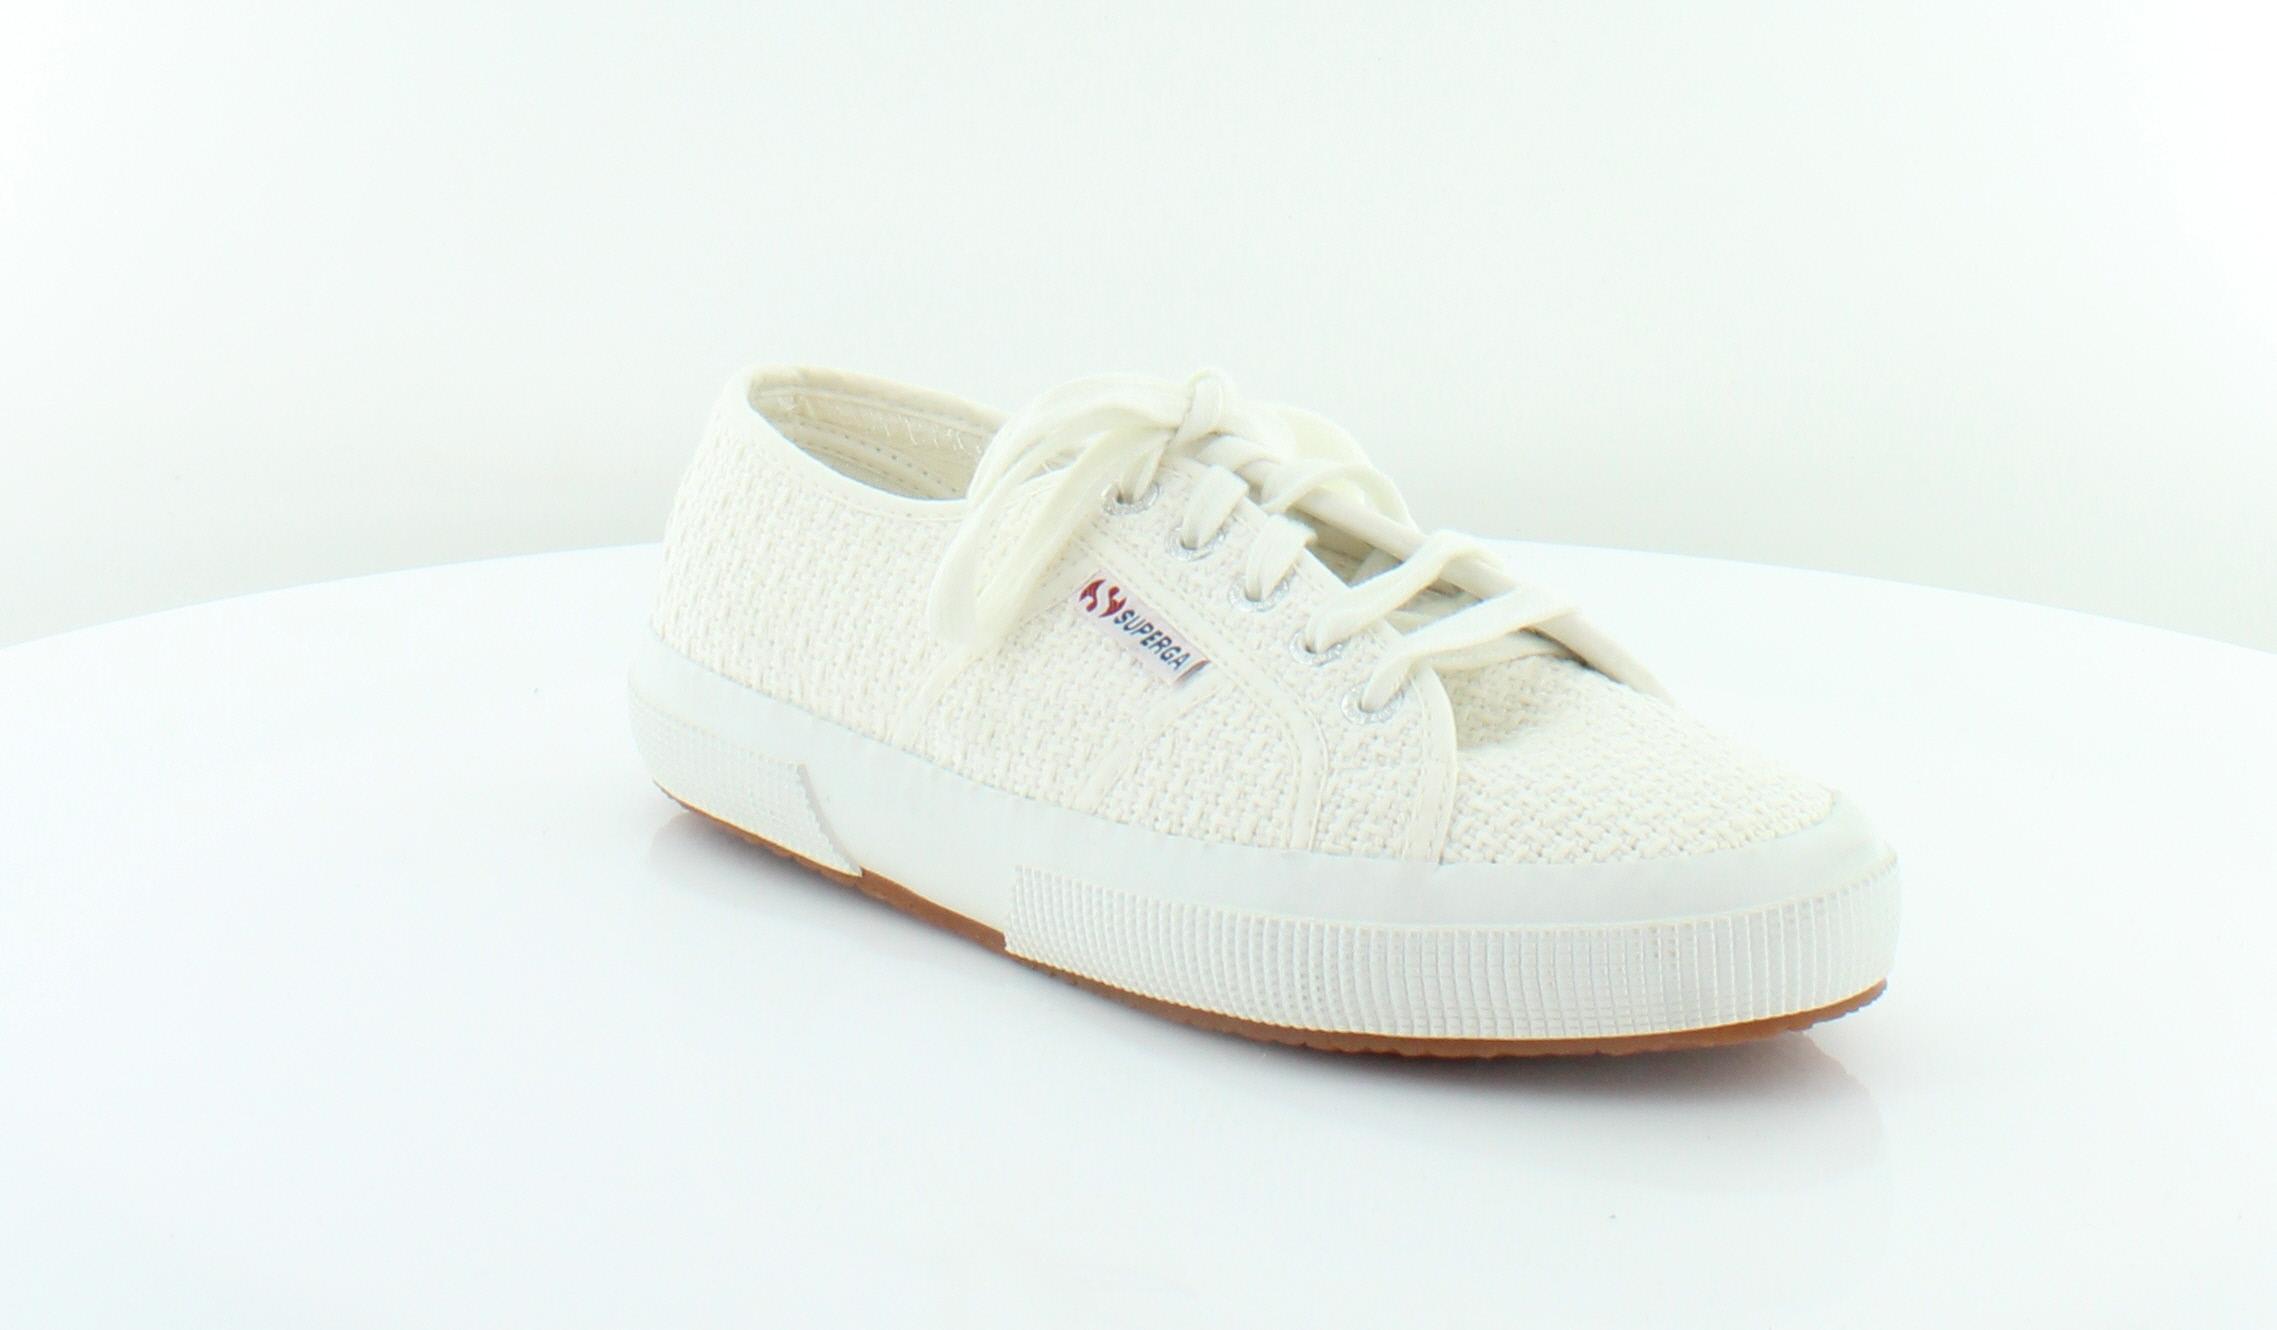 Superga New 2750 Crochetw Weiß Damenschuhe Schuhes Schuhes Damenschuhe Größe 7 M Flats MSRP 95 ... 767f5e